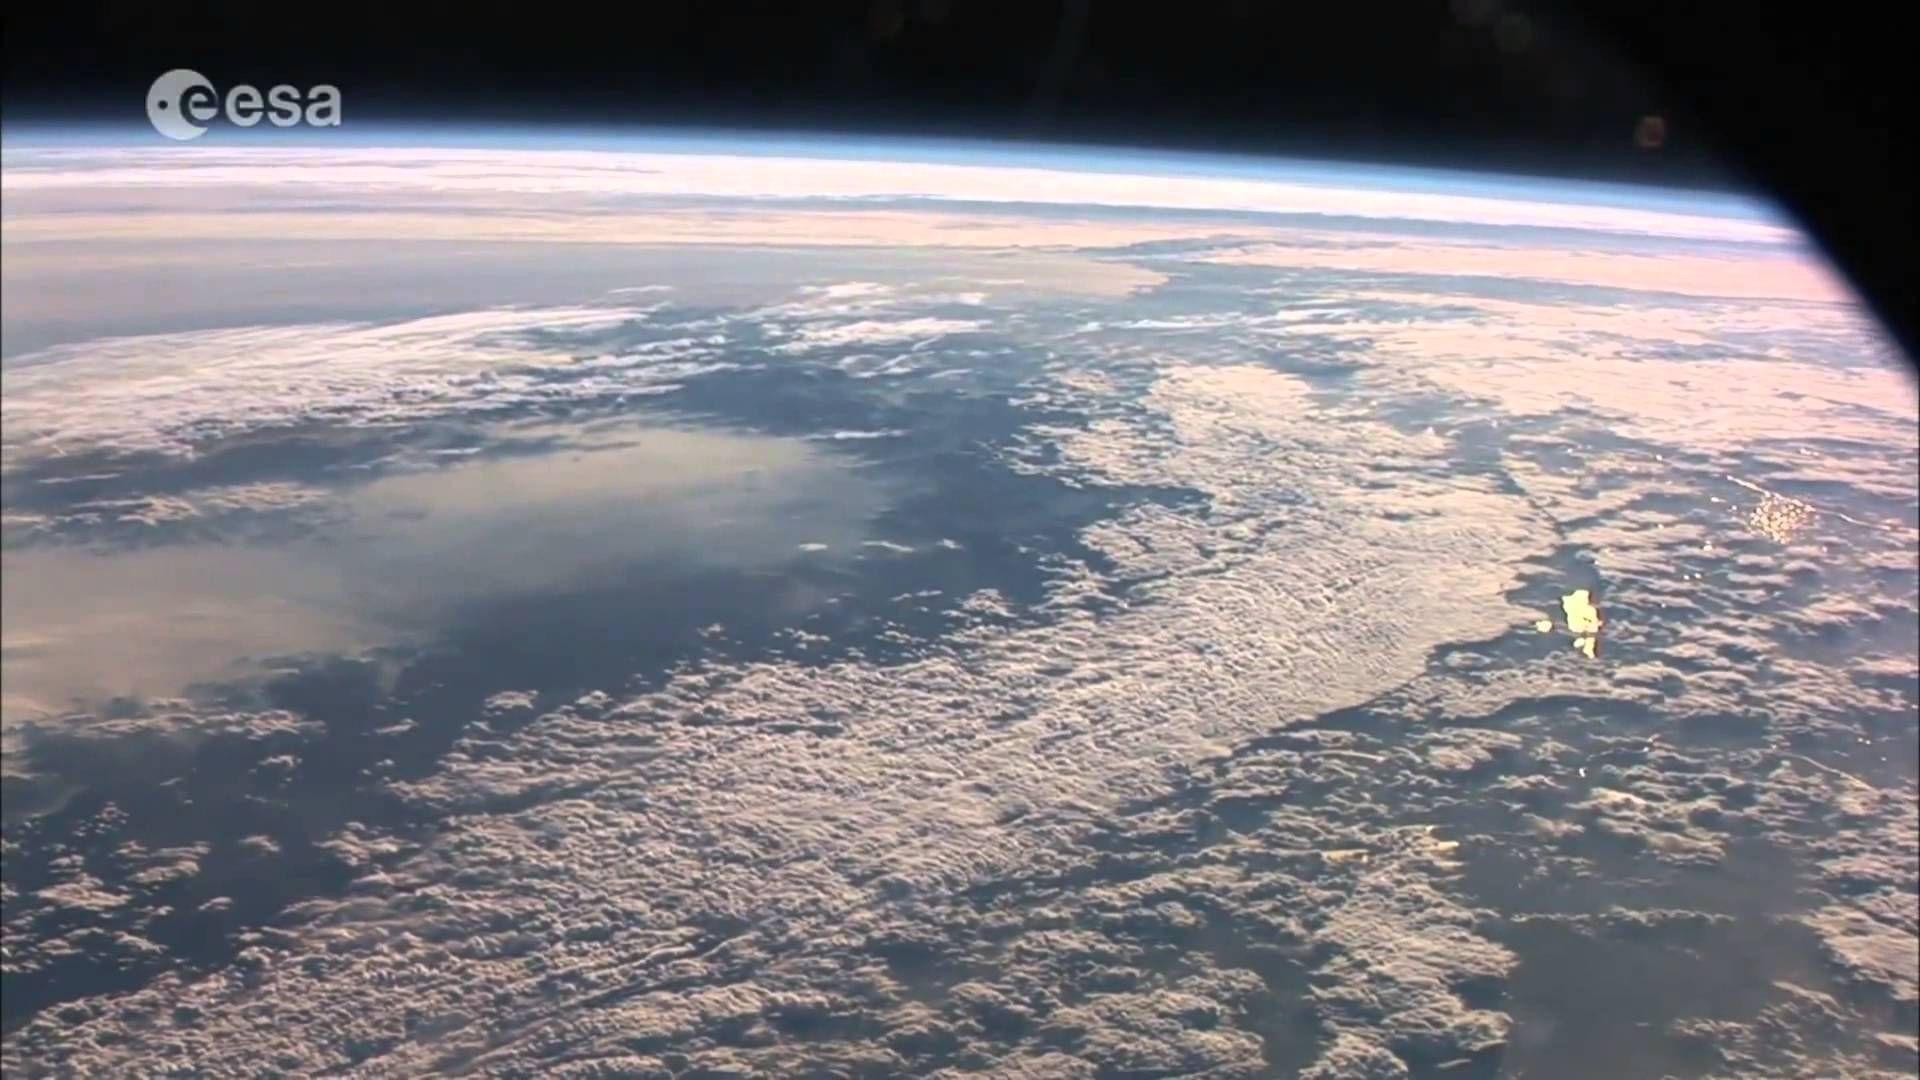 شاهد كوكب الأرض من الفضاء رائع جدا 1080 Hd Airplane View Earth Art Music